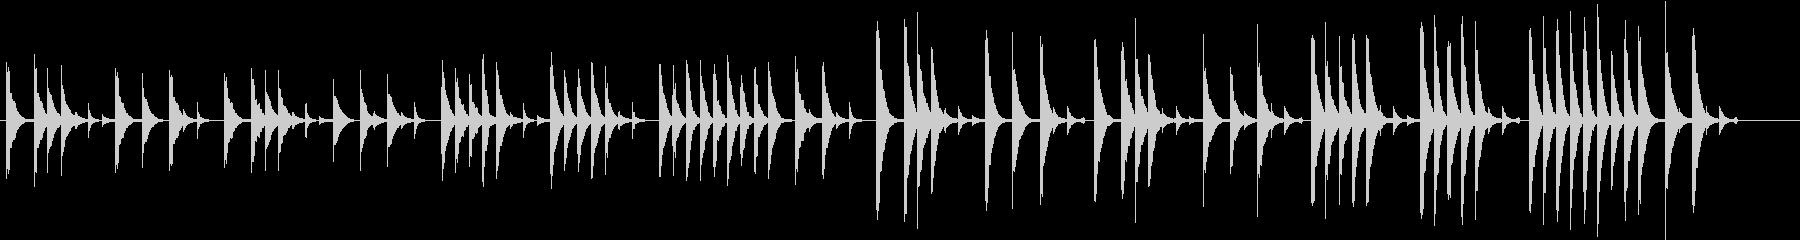 木琴で作ったとぼけた雰囲気の短い曲の未再生の波形